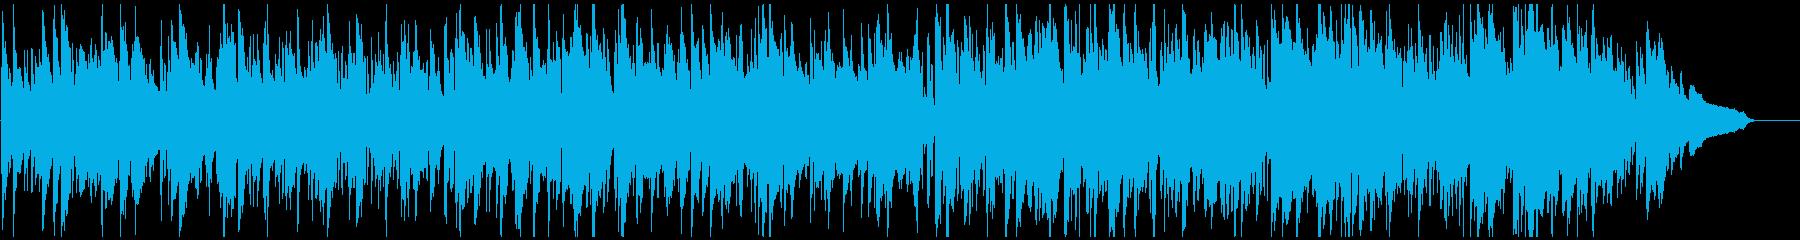 ソフトなボサノバ・ジャズ、お洒落サックスの再生済みの波形